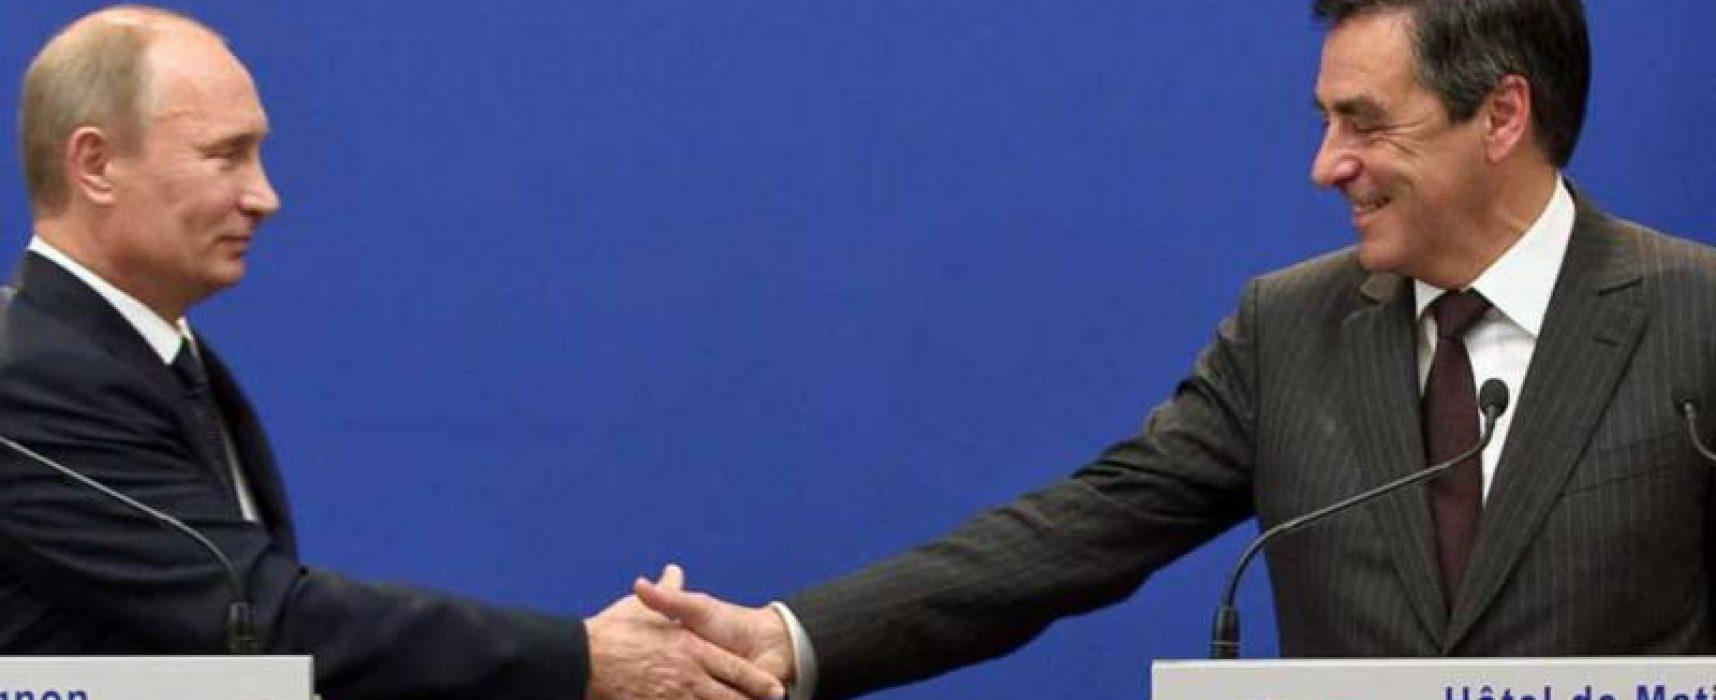 L'avance de Fillon face à Juppé, un revers pour les europhiles